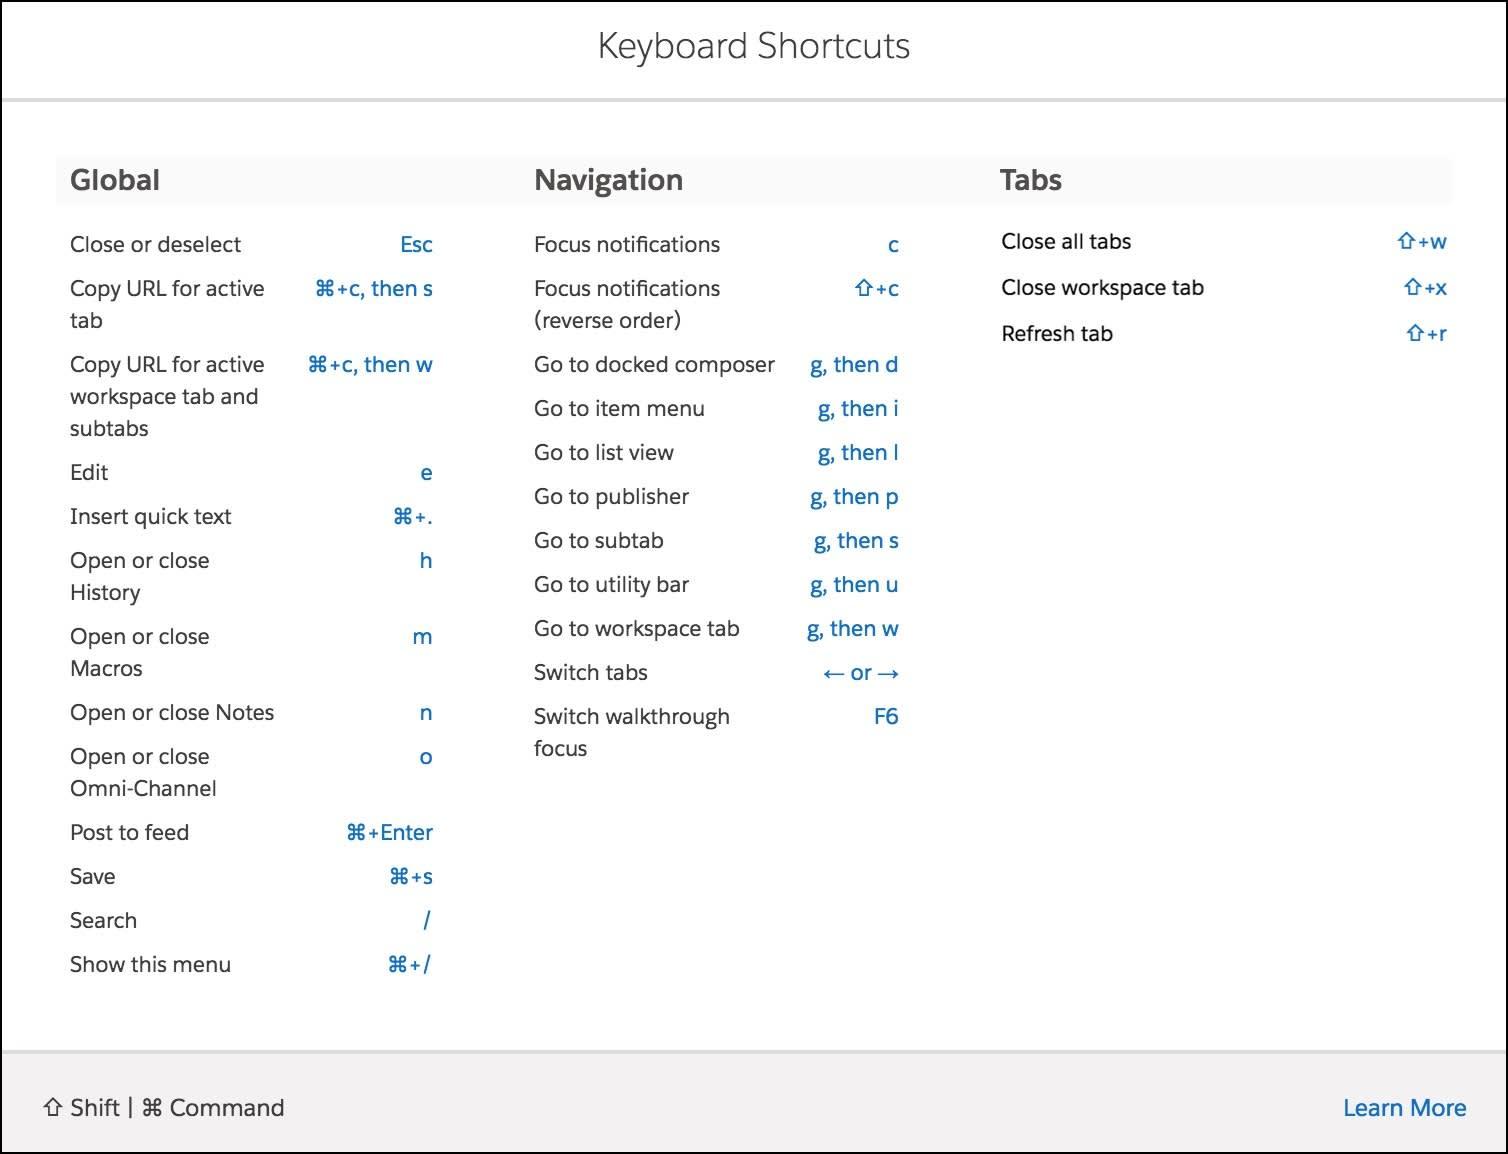 [キーボードショートカット] ウィンドウに、使用可能なすべてのショートカットが表示されています。